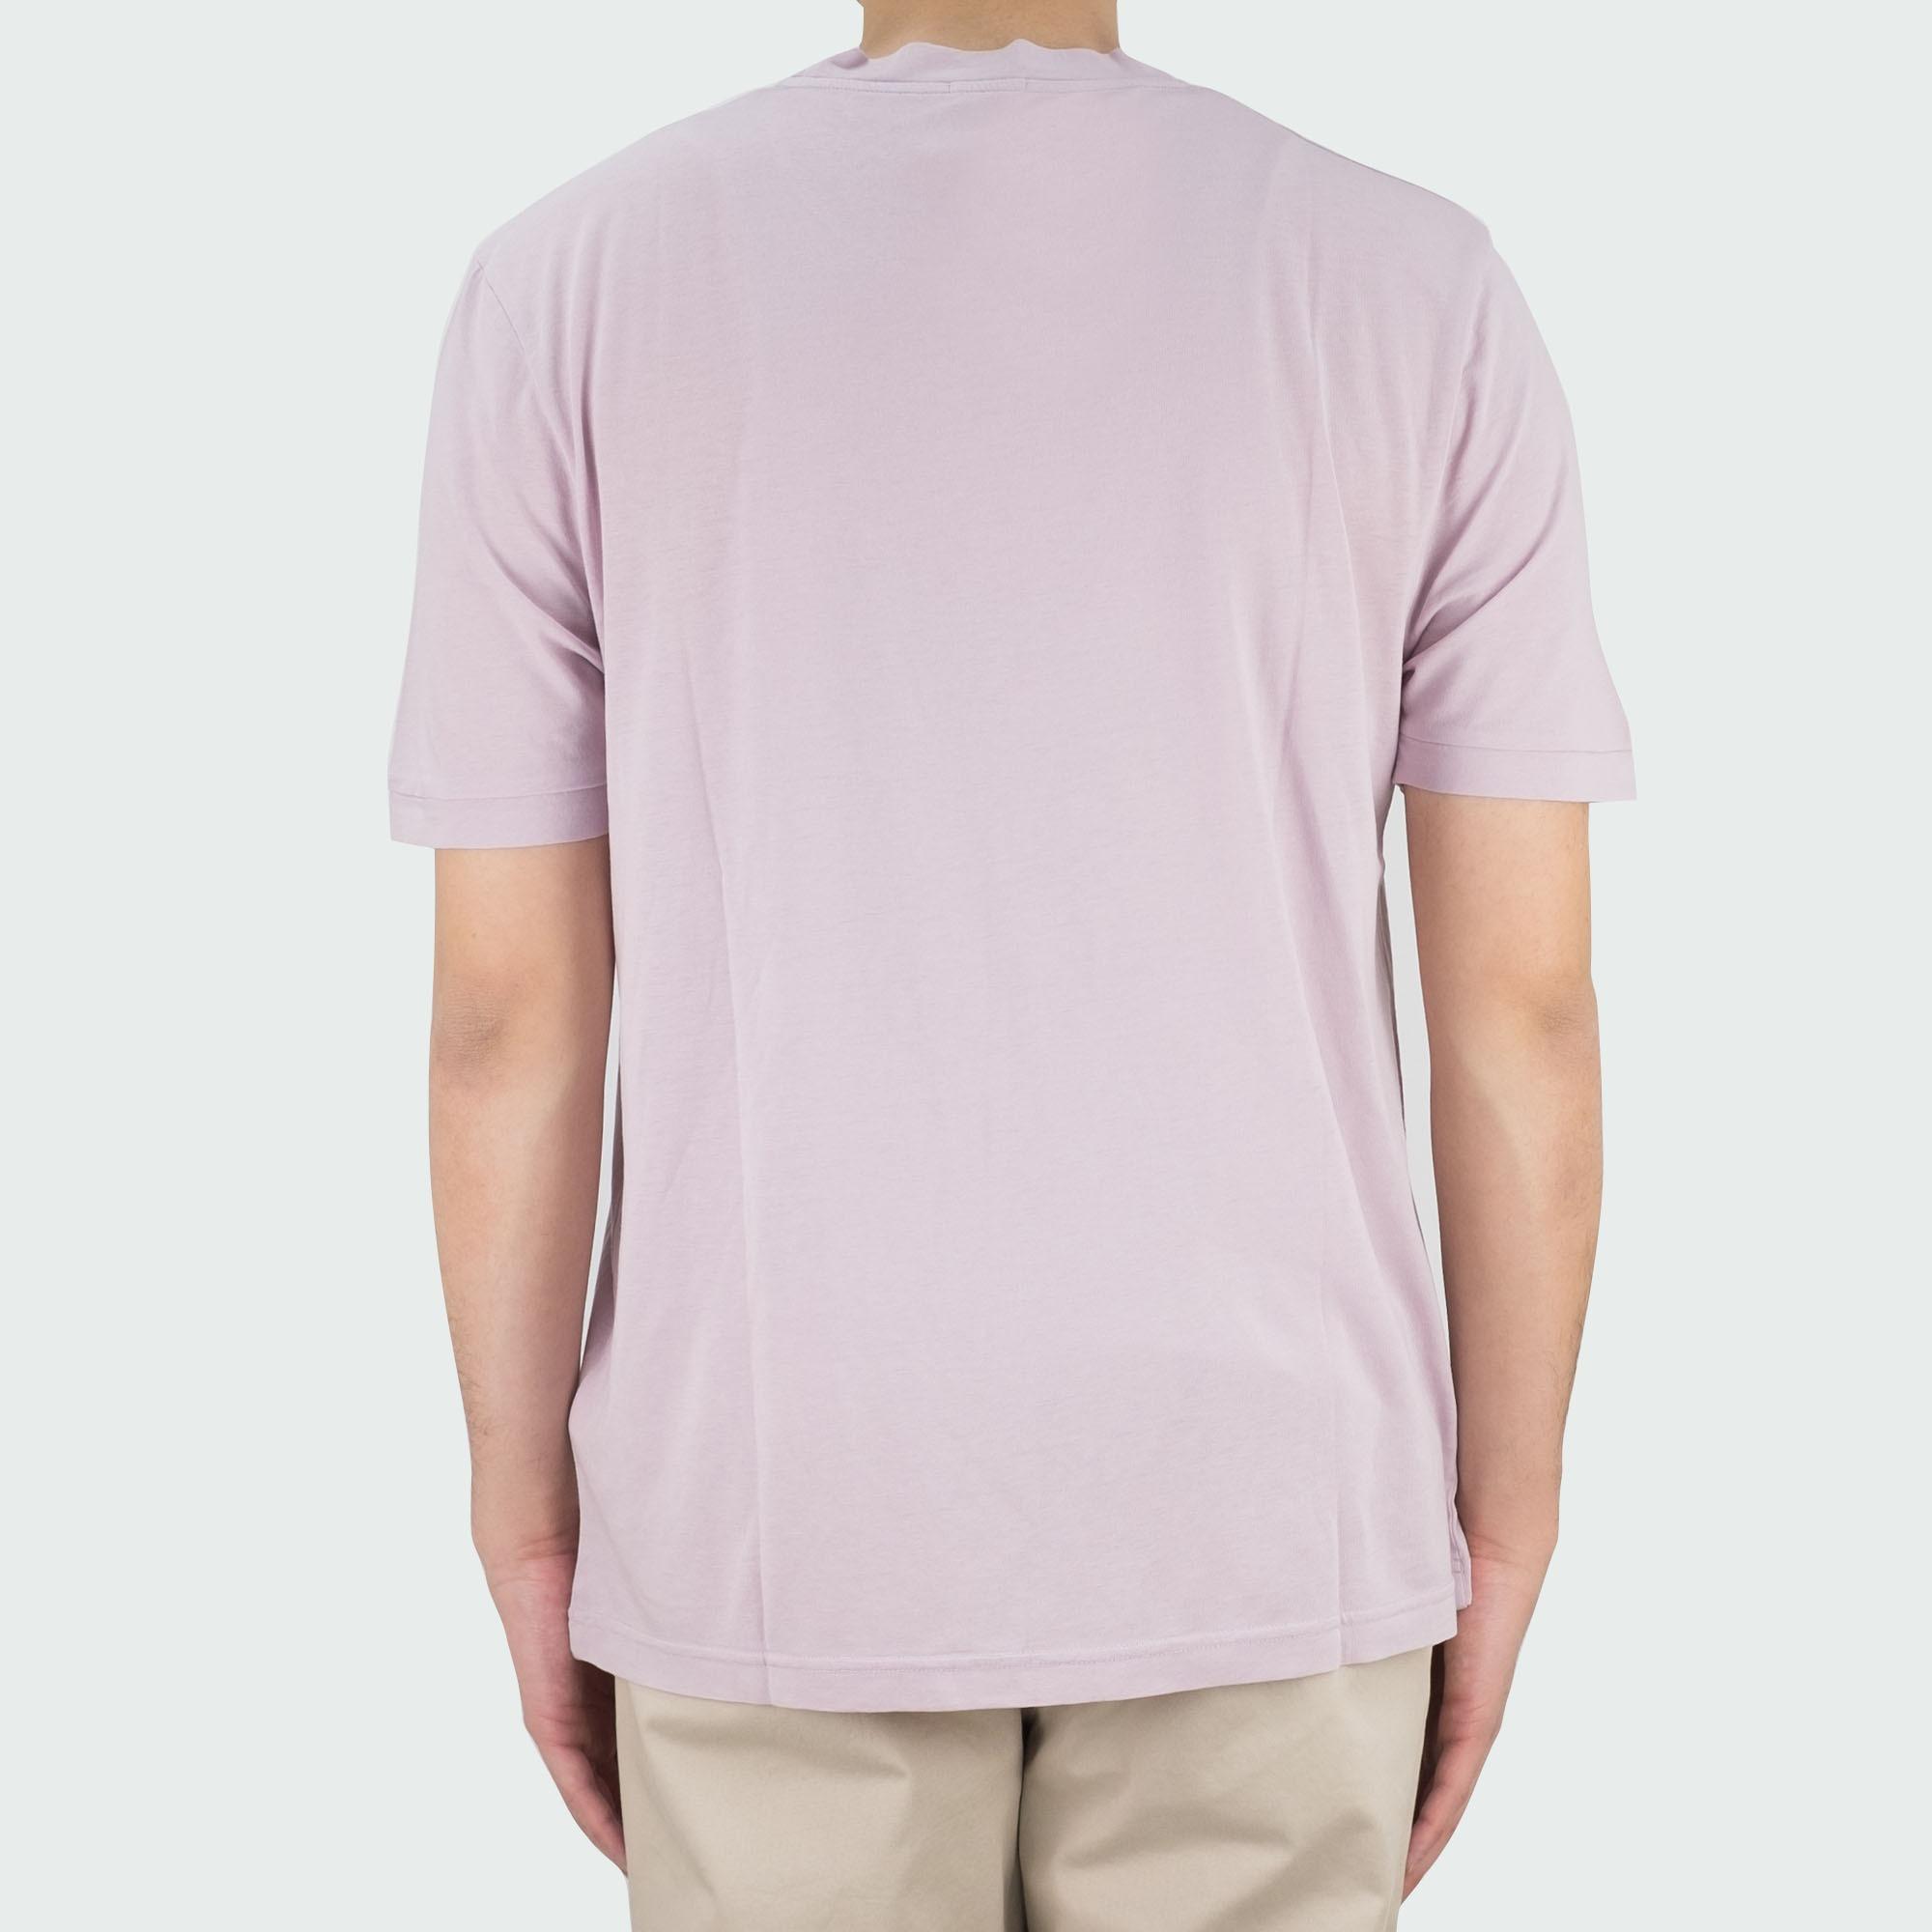 Filippa K Tencel Cotton Tee - Frosty Pink